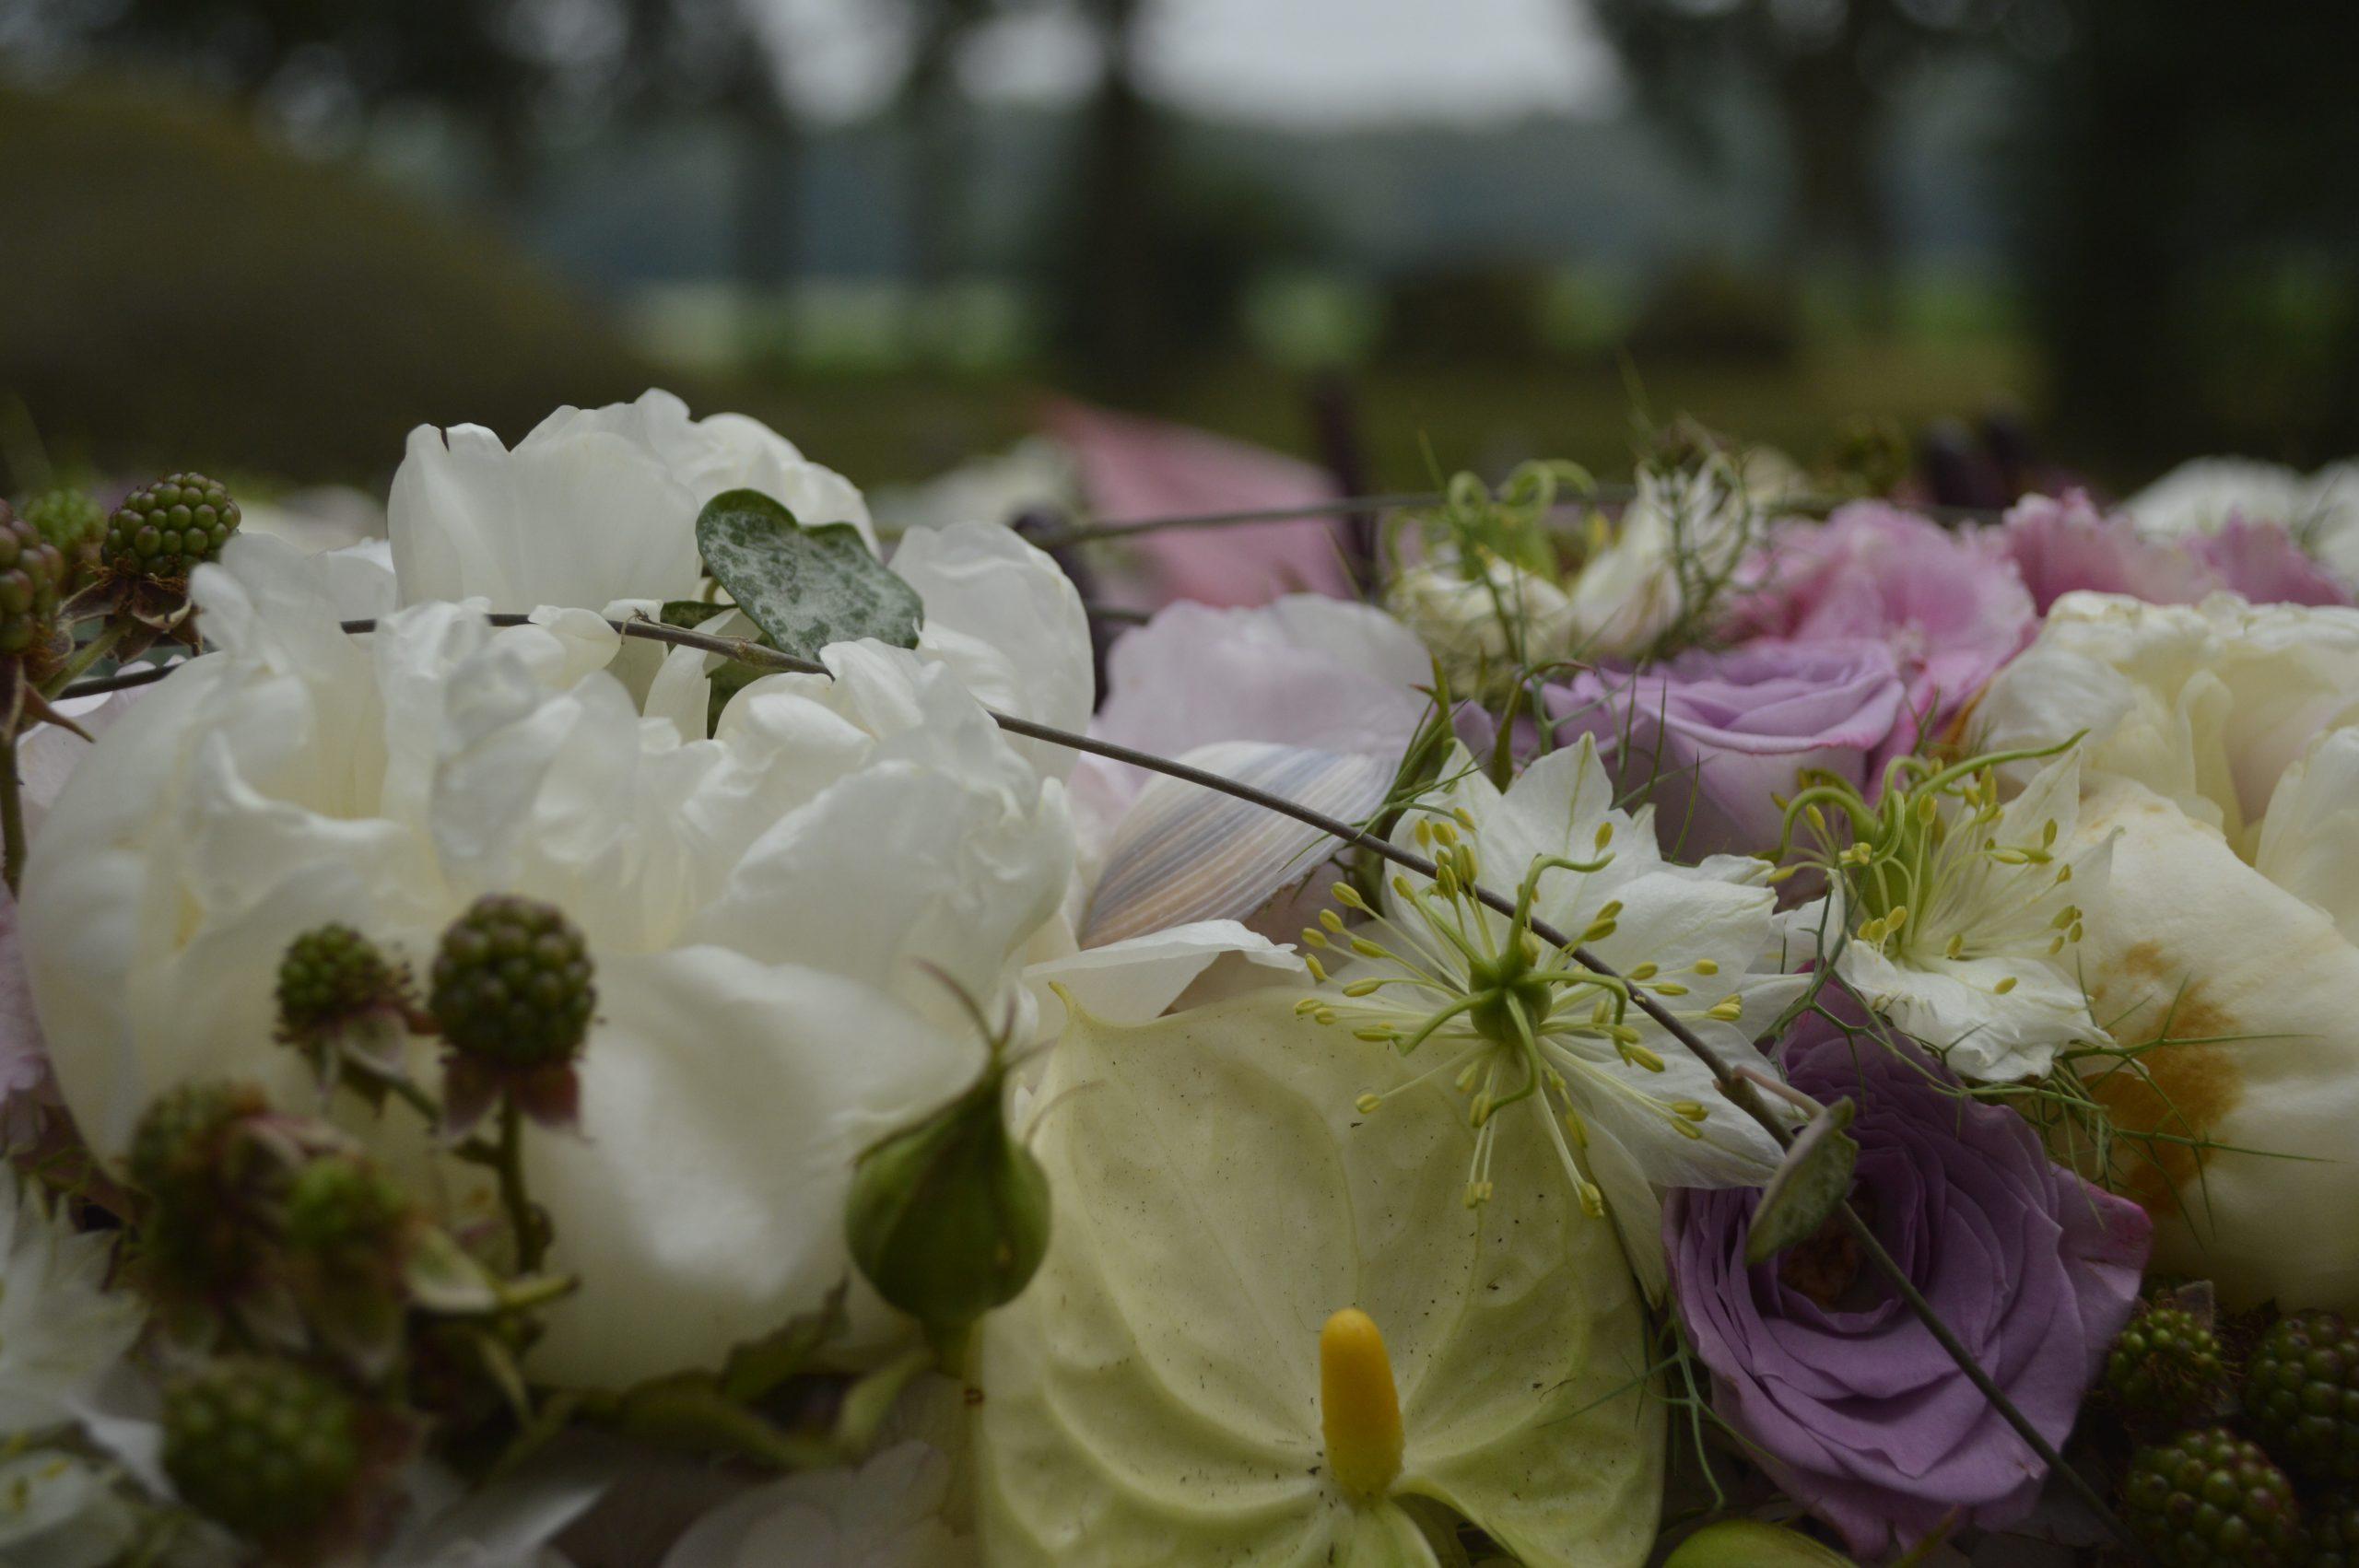 enbloemen-bloemen-borger-bloemist-borger-bezorgen-fleurop-verzenden-voorjaar-bloem